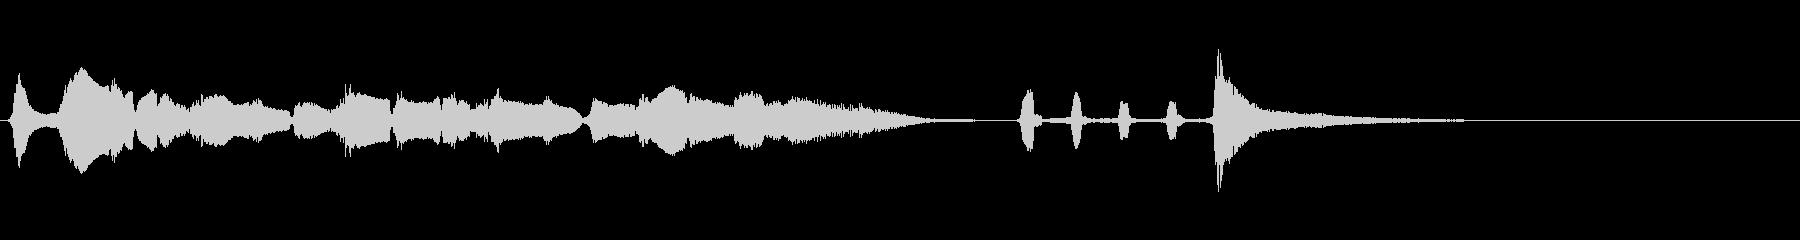 【生演奏】アコーディオンジングル49の未再生の波形